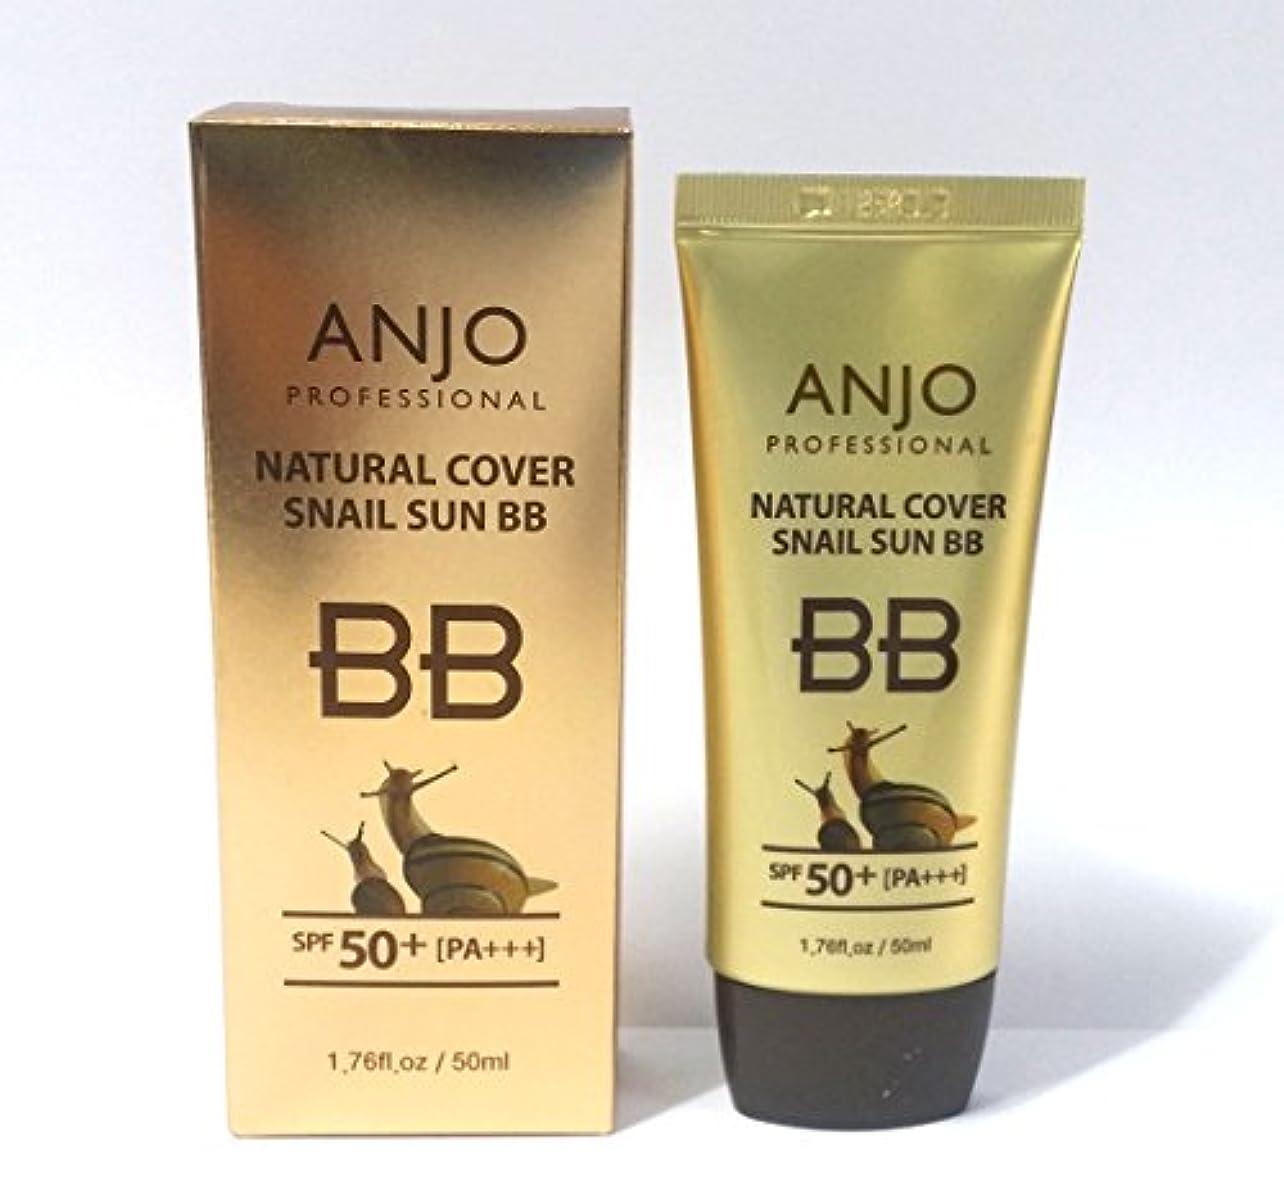 平均分配しますアッパー[ANJO] ナチュラルカバーカタツムリサンBBクリームSPF 50 + PA +++ 50ml X 6EA /メイクアップベース/カタツムリ粘液 / Natural Cover Snail Sun BB Cream SPF...